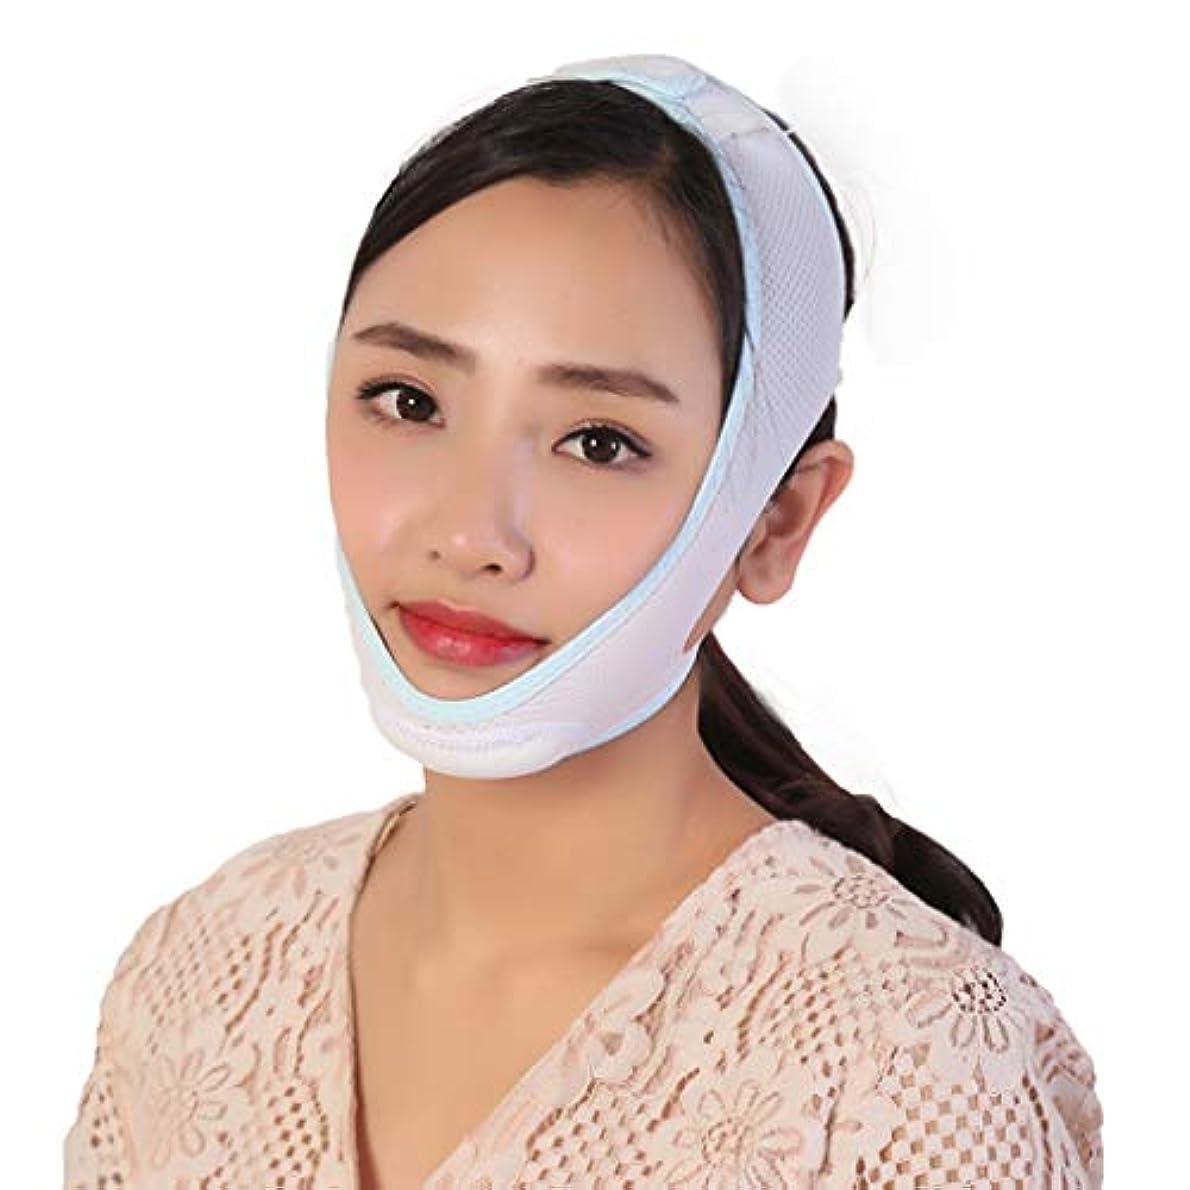 憂慮すべき特殊配分顔の顔を持ち上げる顔のマスクを改善するために快適な顔面曲線包括的通気性包帯